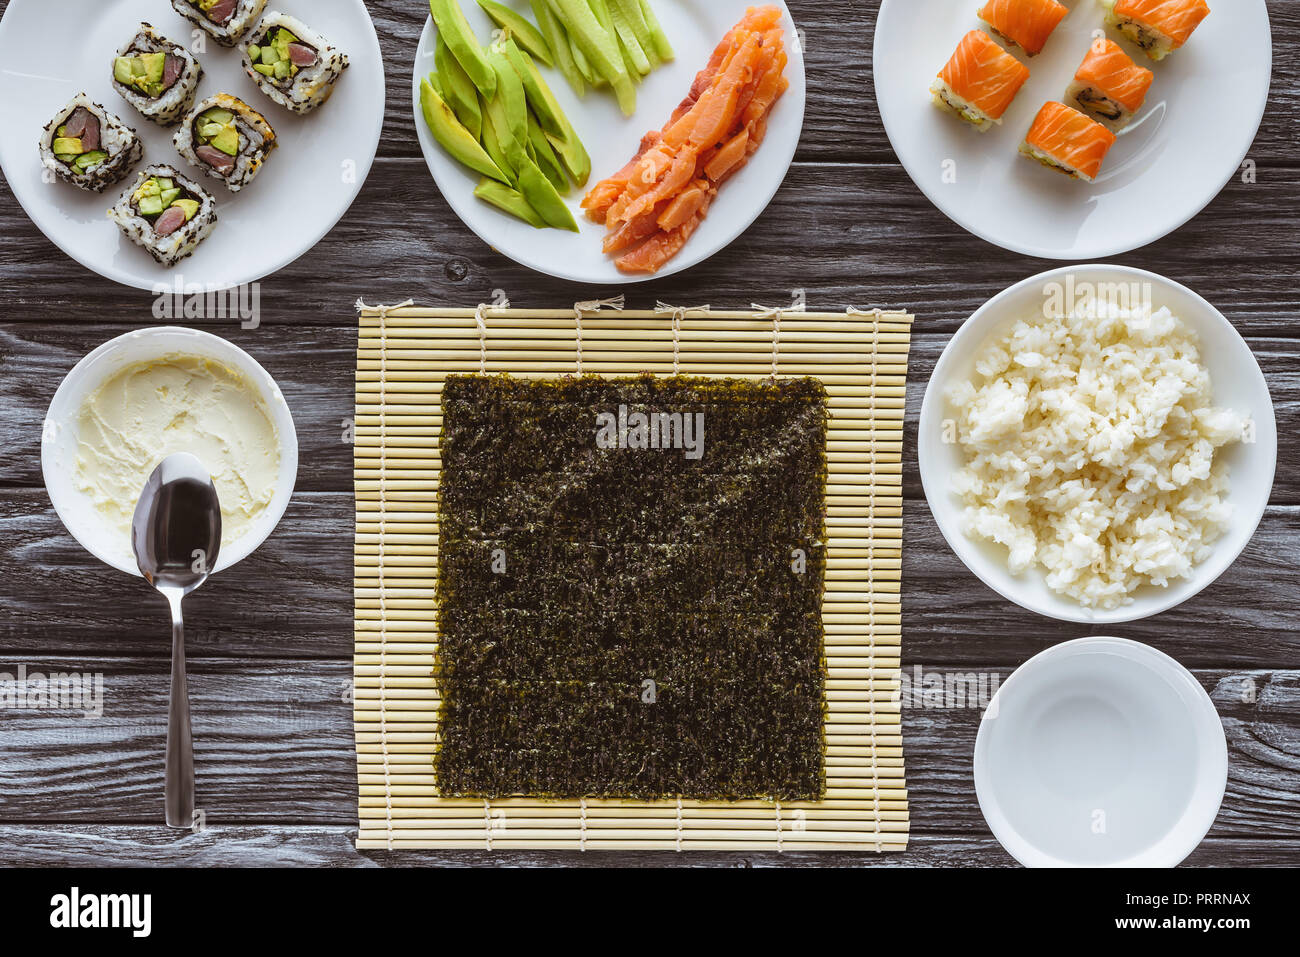 Vue de dessus de nori et de délicieux ingrédients pour la cuisson sushi on wooden table Photo Stock